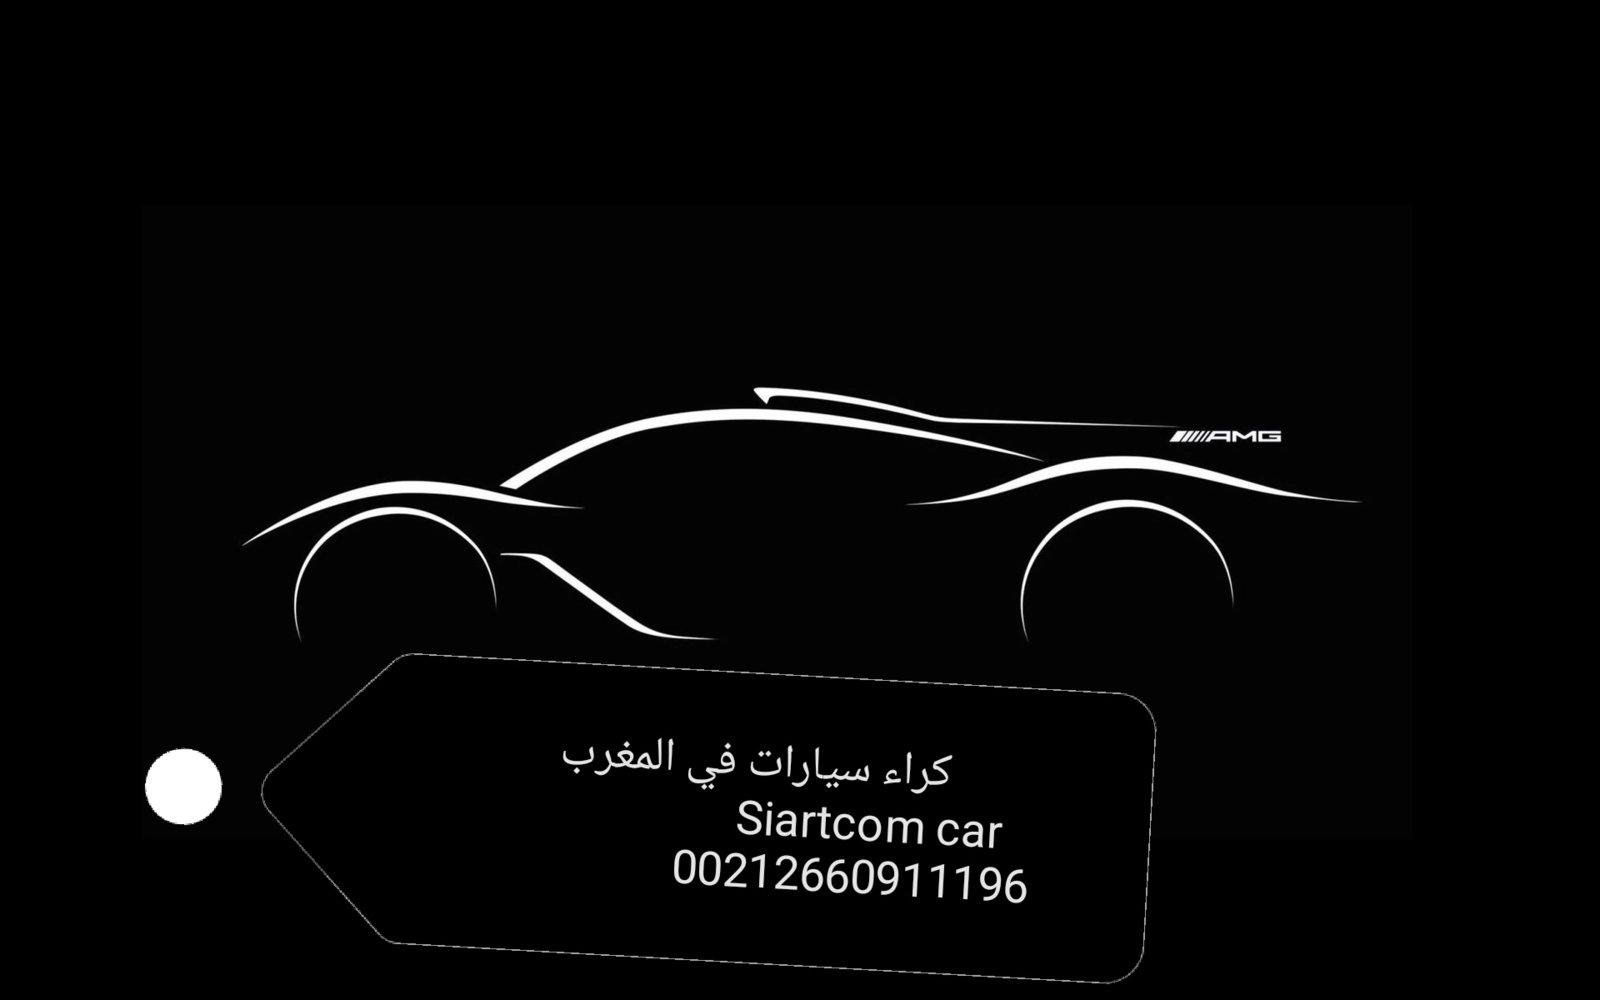 471547 المسافرون العرب تأجير سيارات في المغرب عرض خاص vip